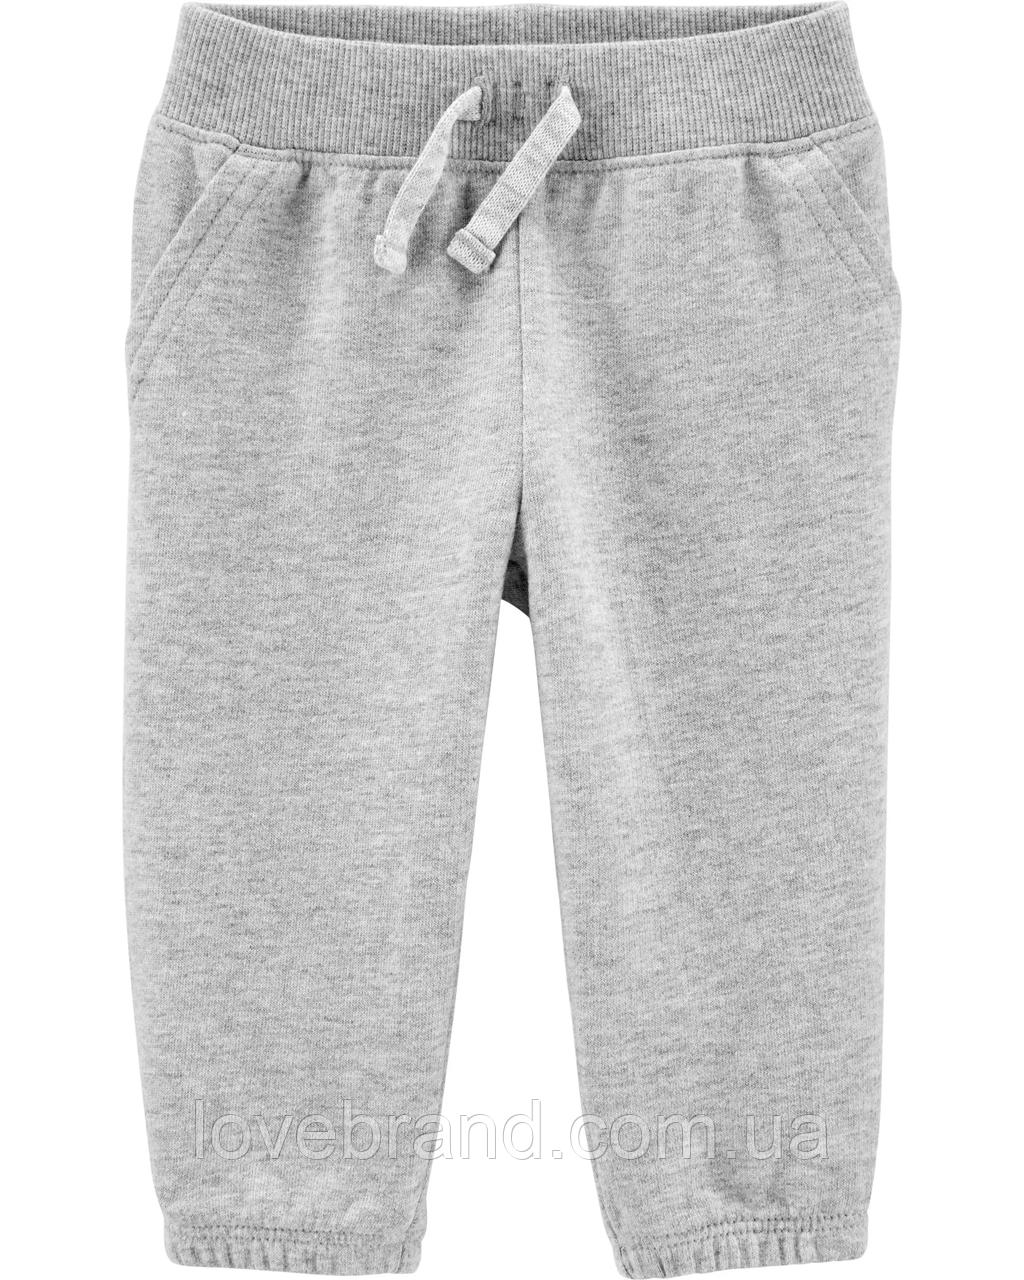 Спортивные штаны для мальчика Carter's серые